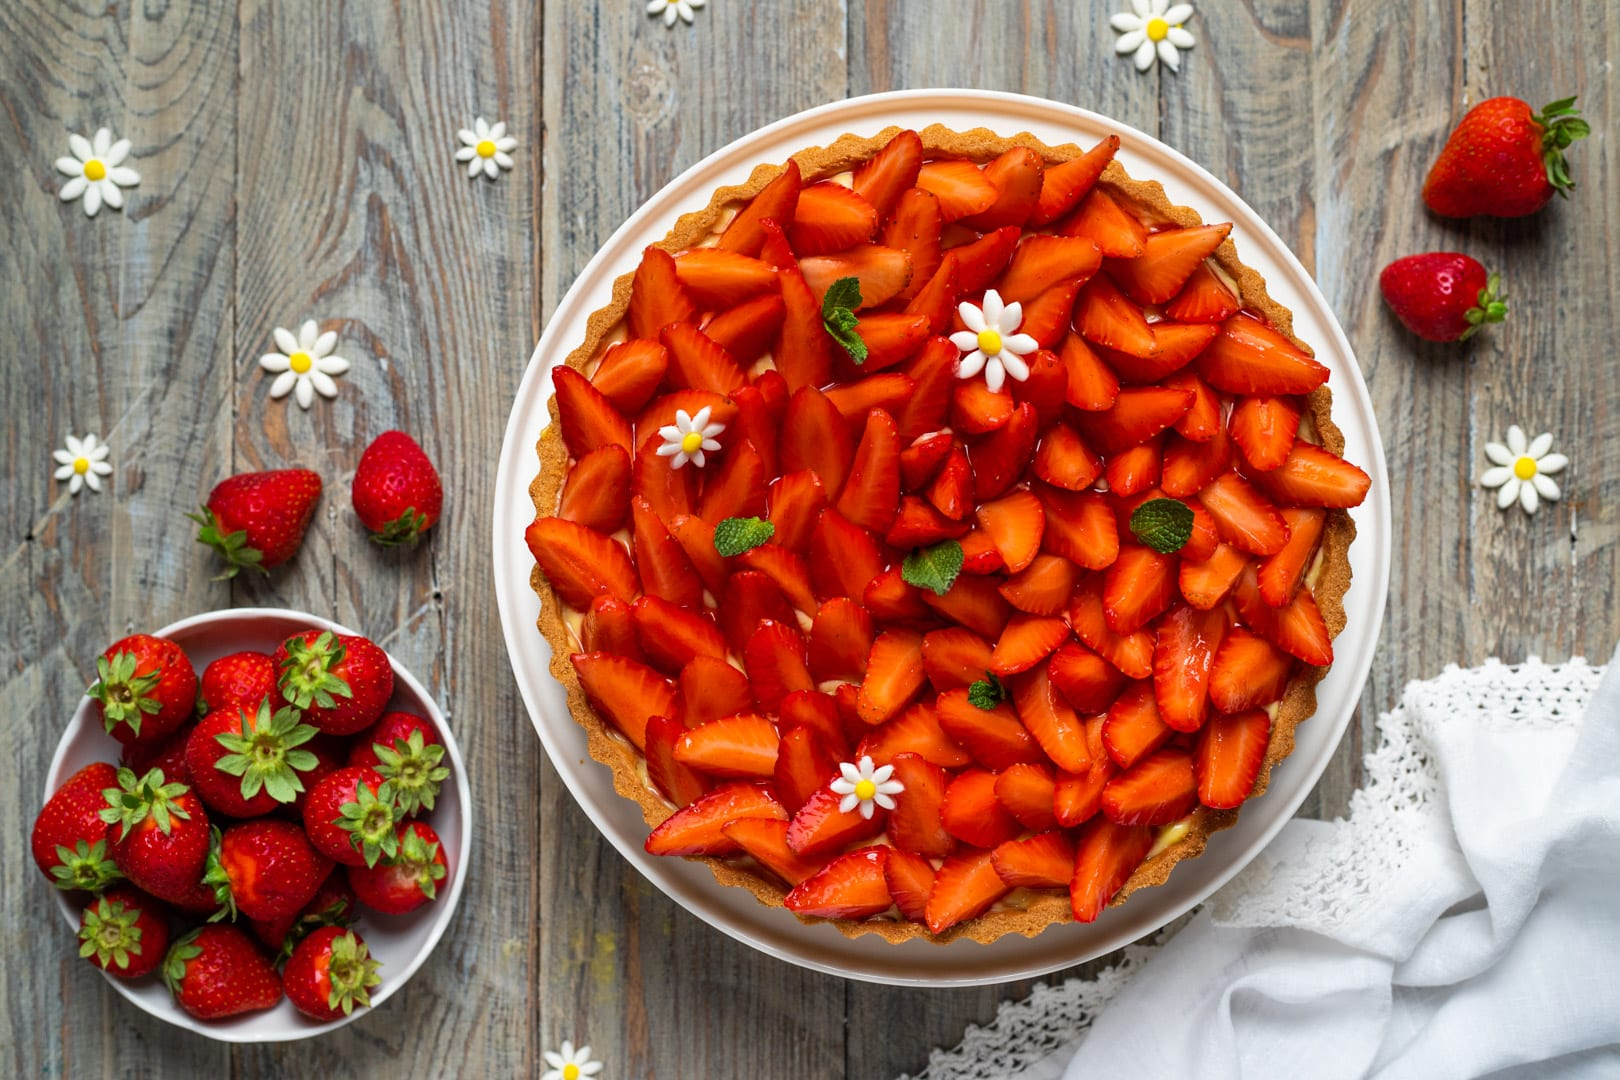 Crostata alle fragole, la ricetta di Sonia Peronaci